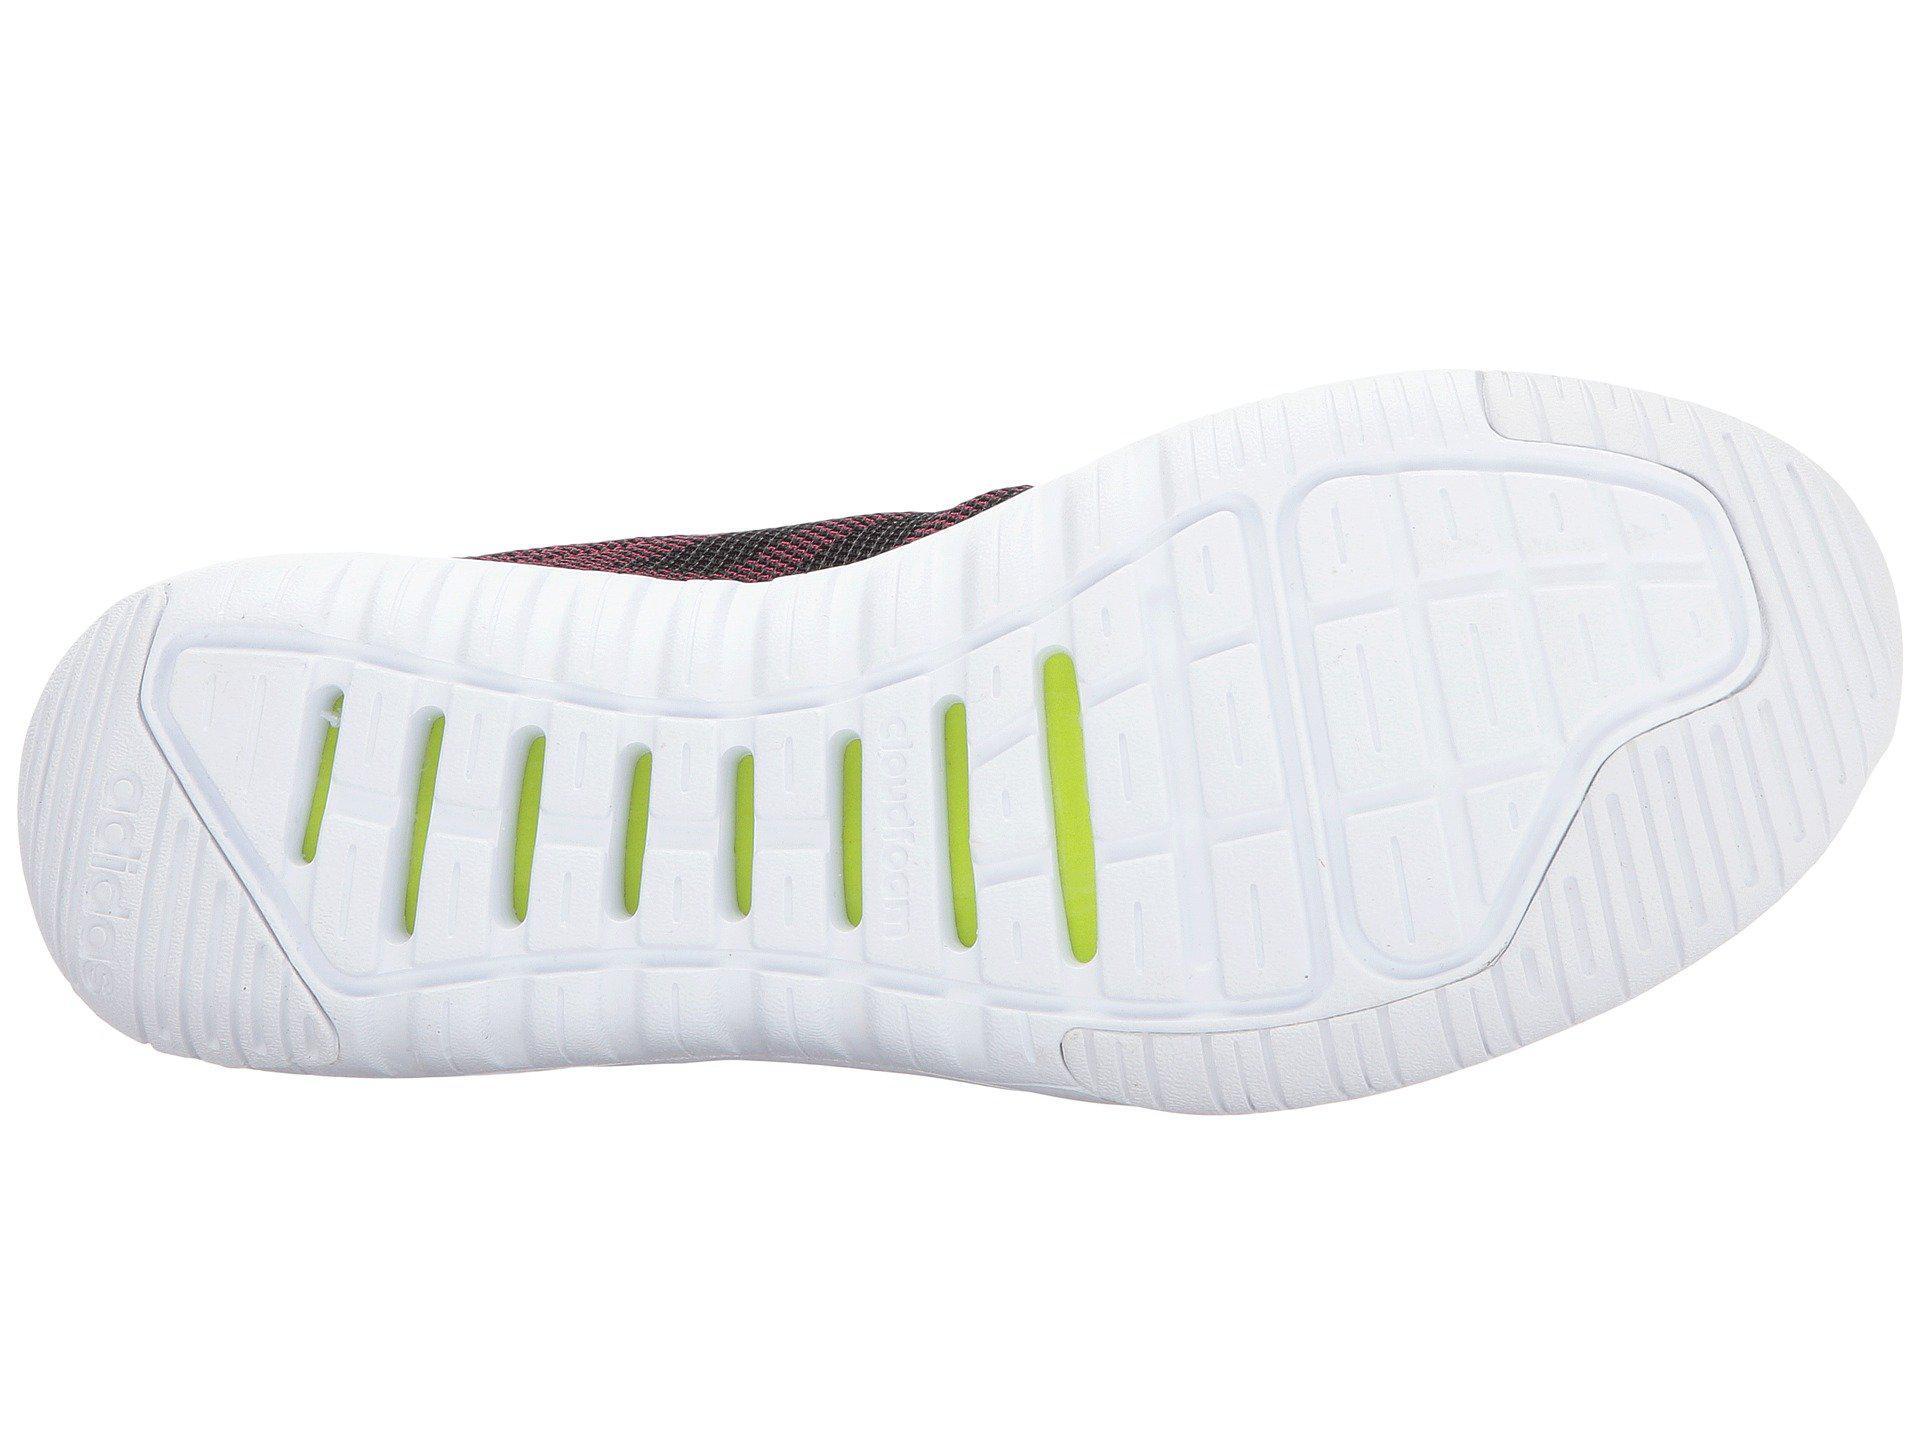 Cloudfoam Lyst Adidas Super Flex